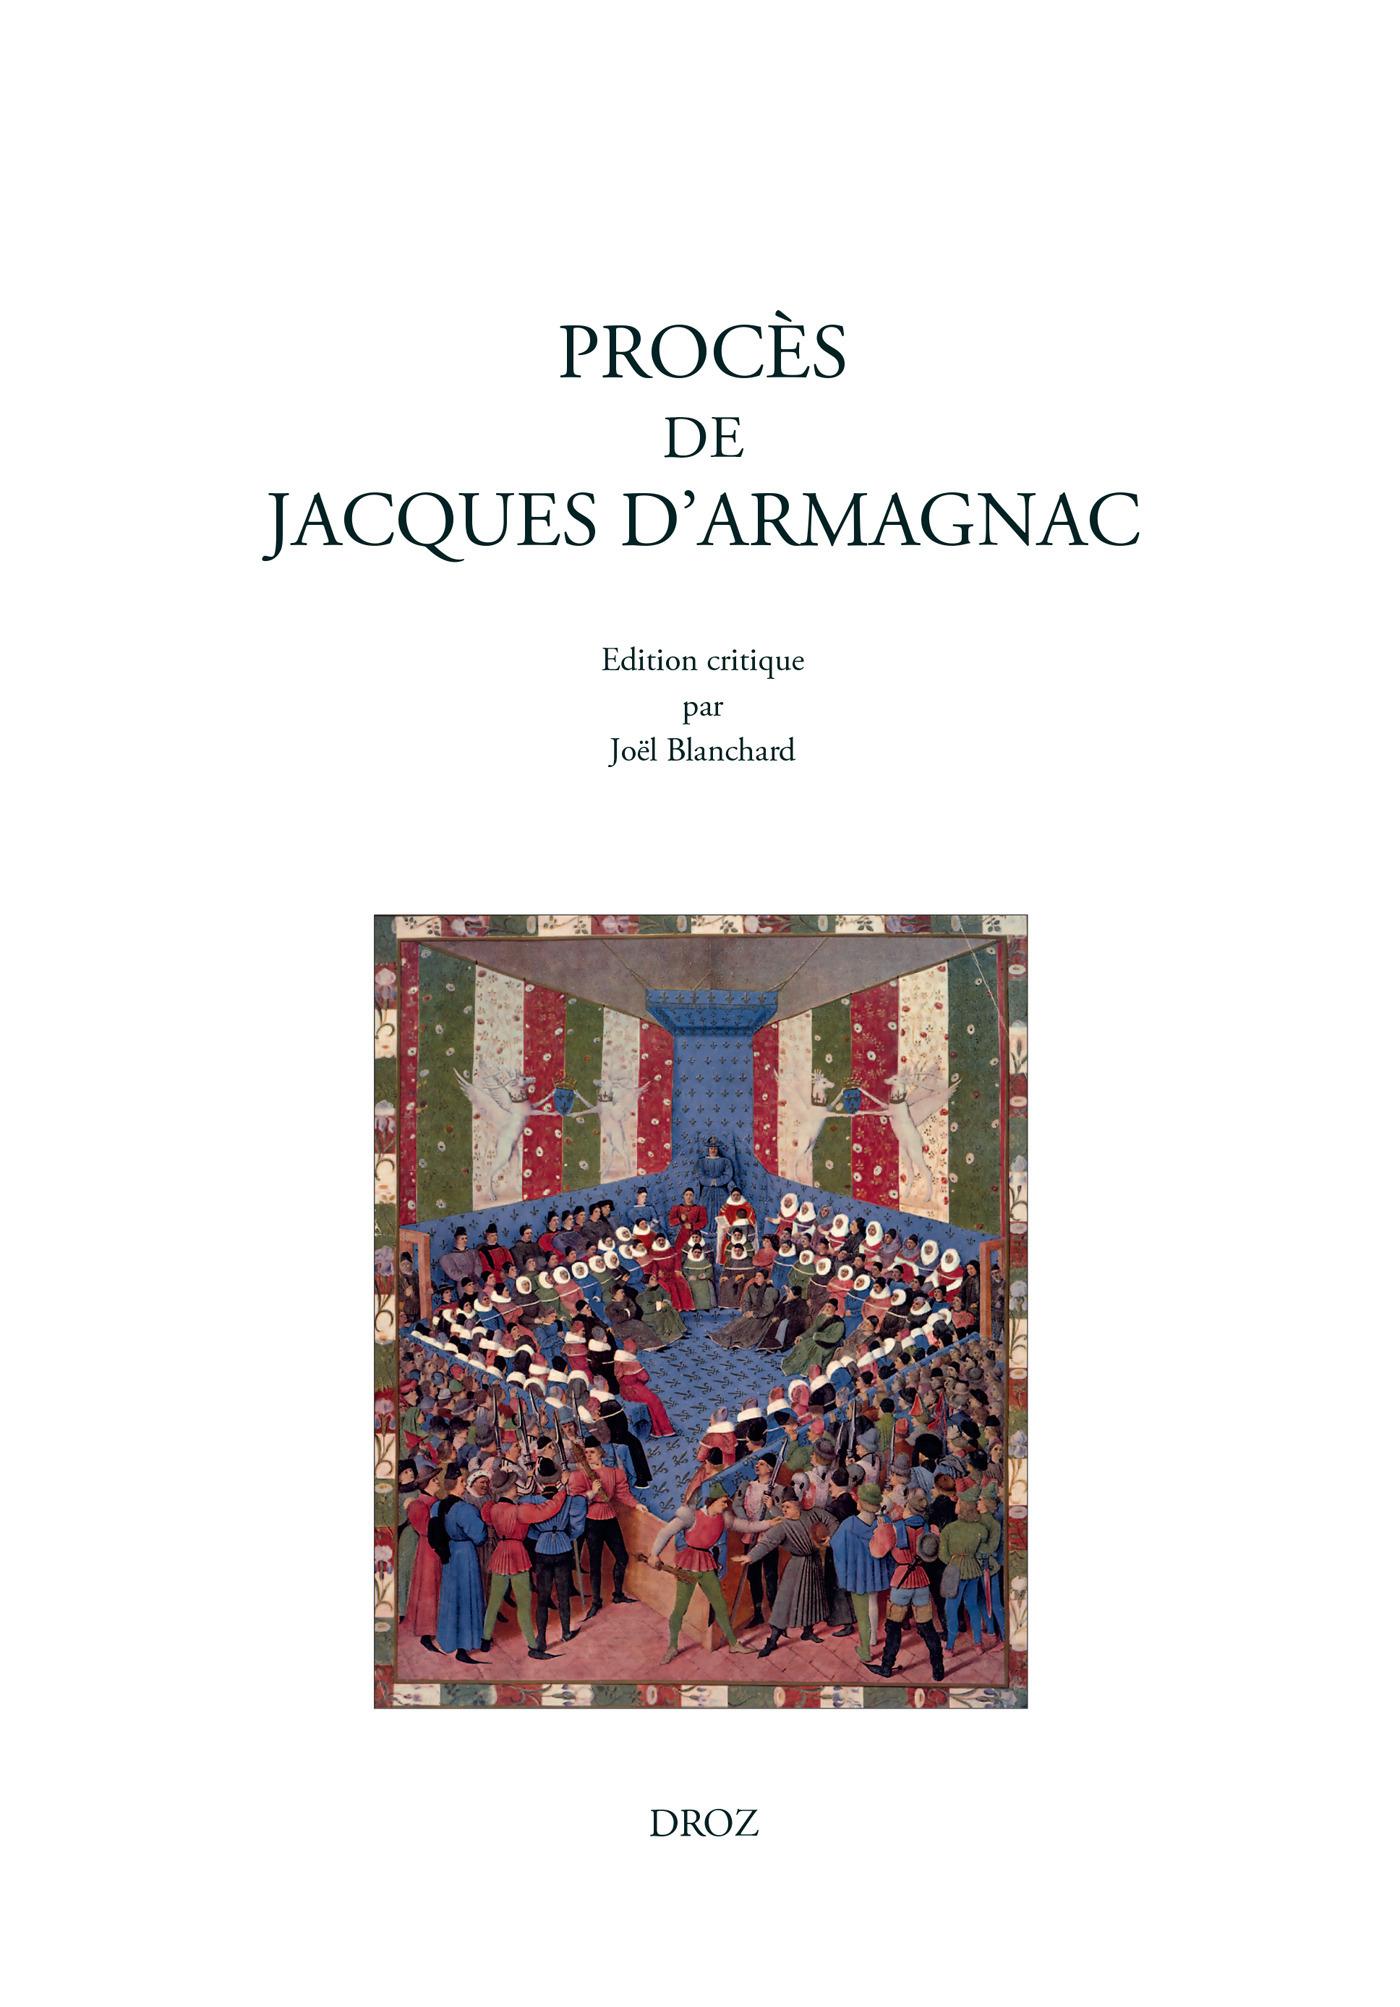 proces de jacques d'armagnac, d'apres le ms. 2000 de la bibliotheque sainte-genevieve